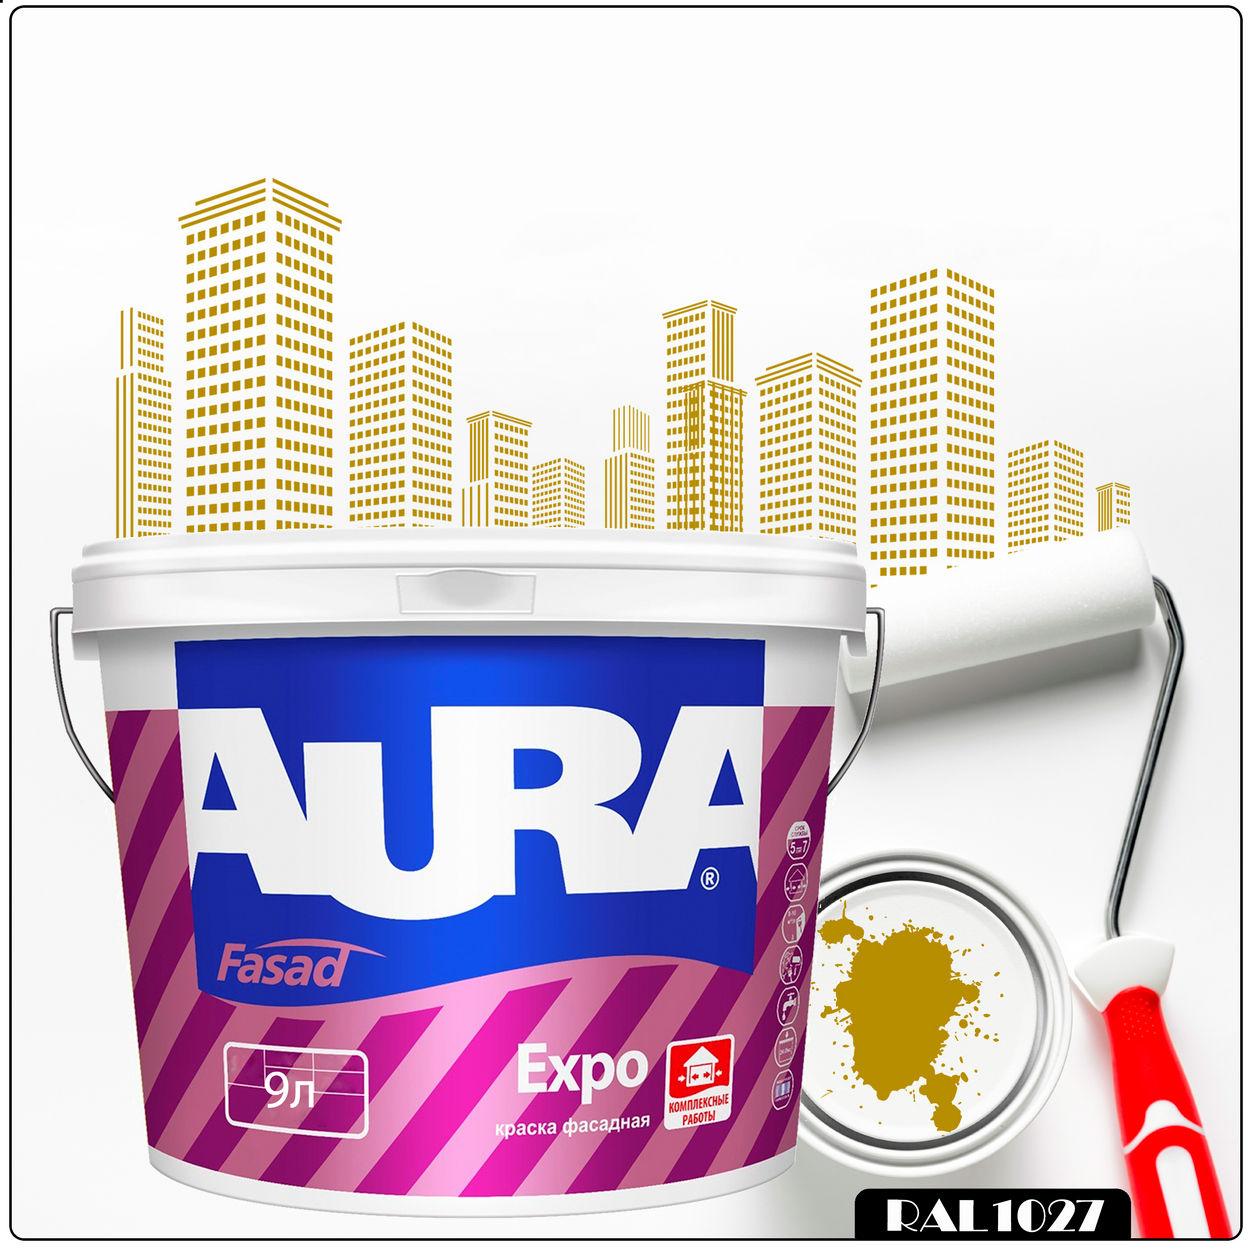 Фото 22 - Краска Aura Fasad Expo, RAL 1027 Карри-жёлтый, матовая, для фасадов и помещений с повышенной влажностью, 9л.